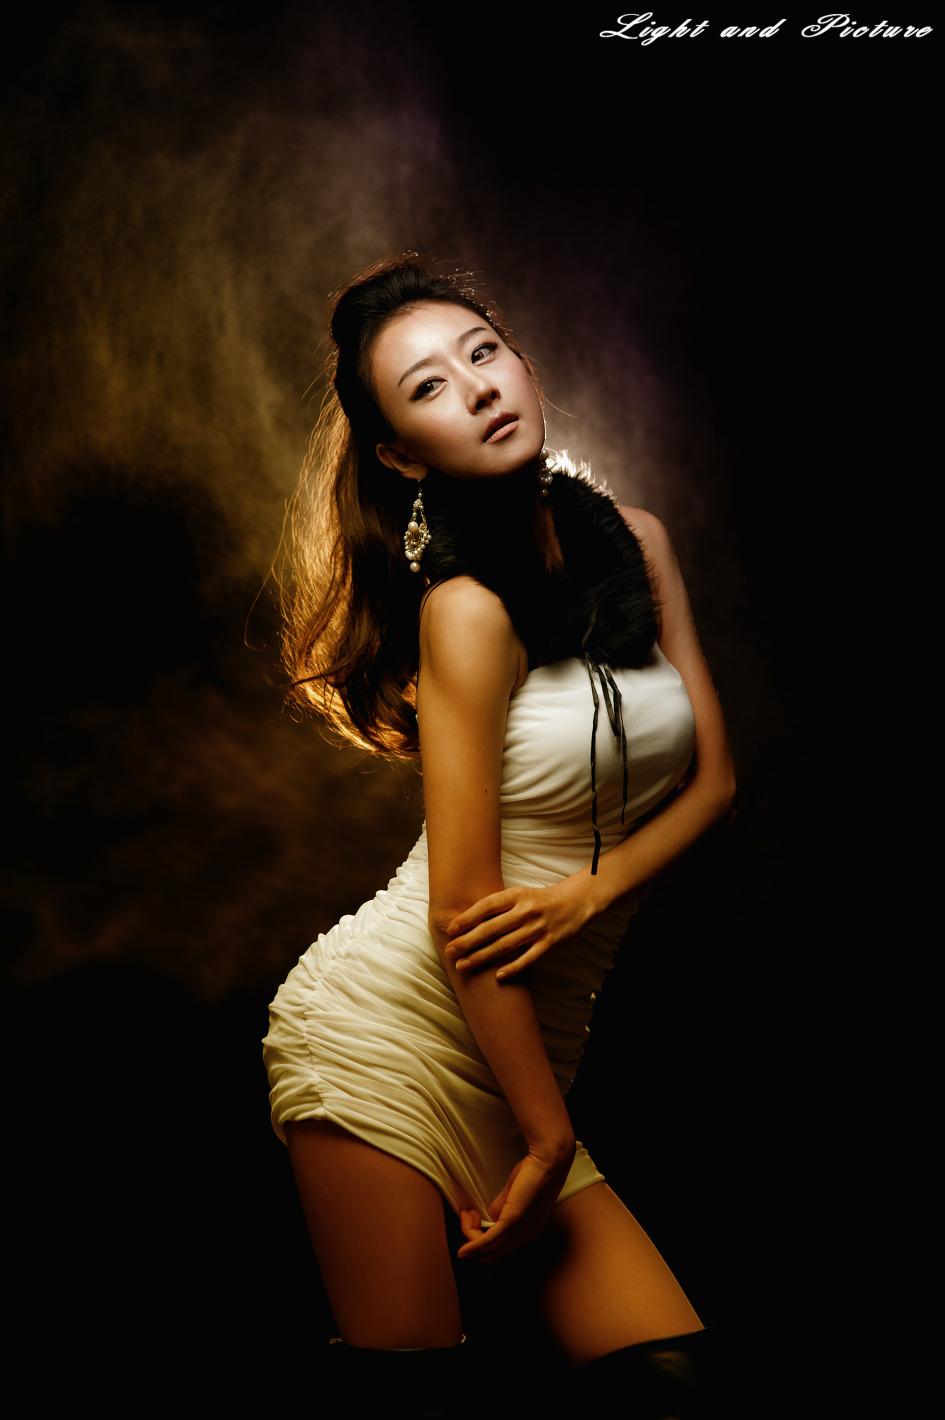 박현선, 예비신랑 이필립 얼굴 왜 가렸나… 스펙녀로 날렸던